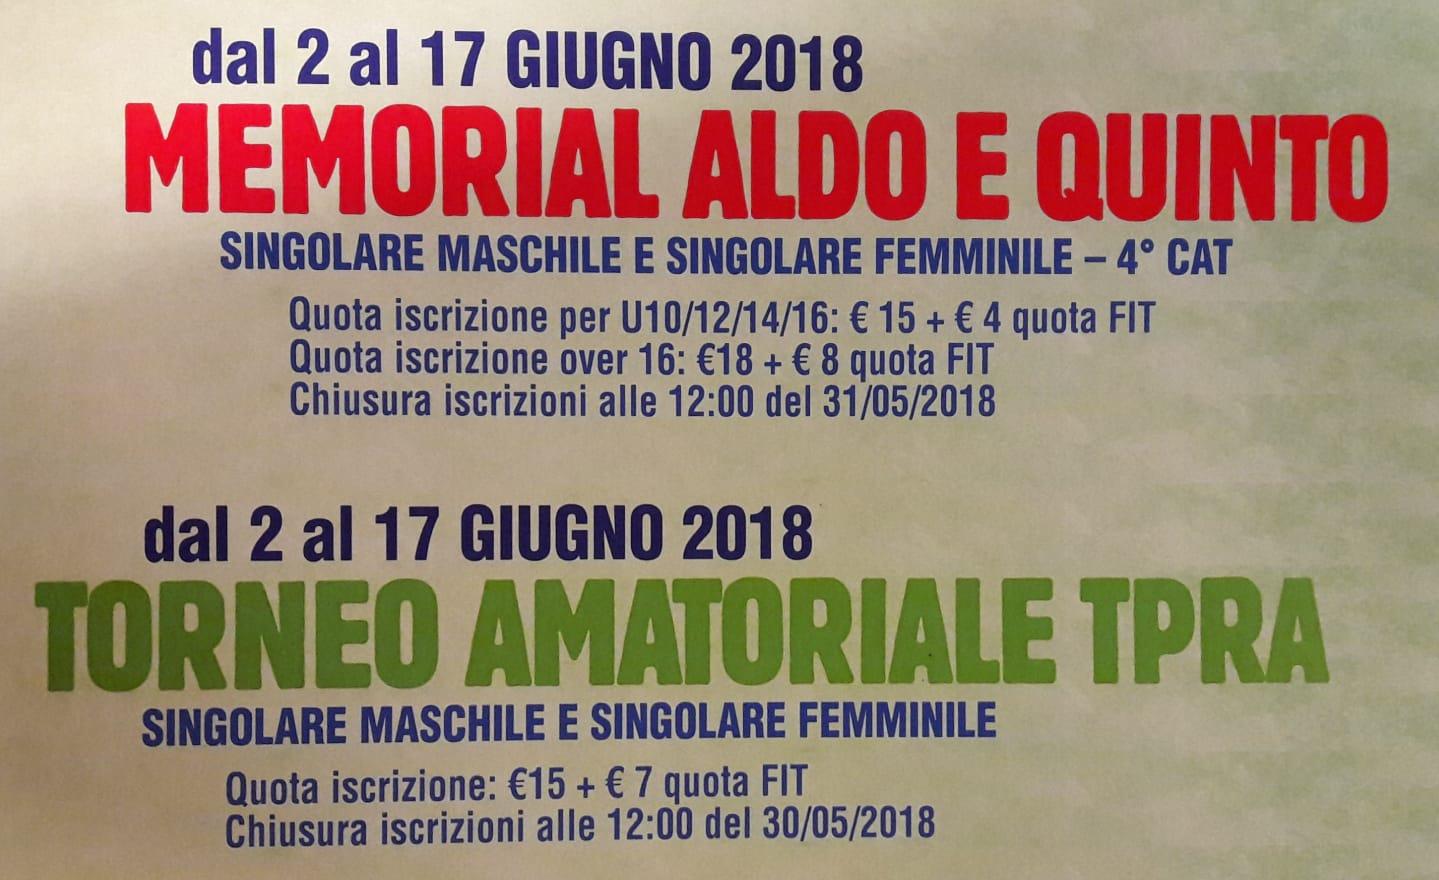 Fit Calendario Tornei.Tennis Club Sondrio Tornei